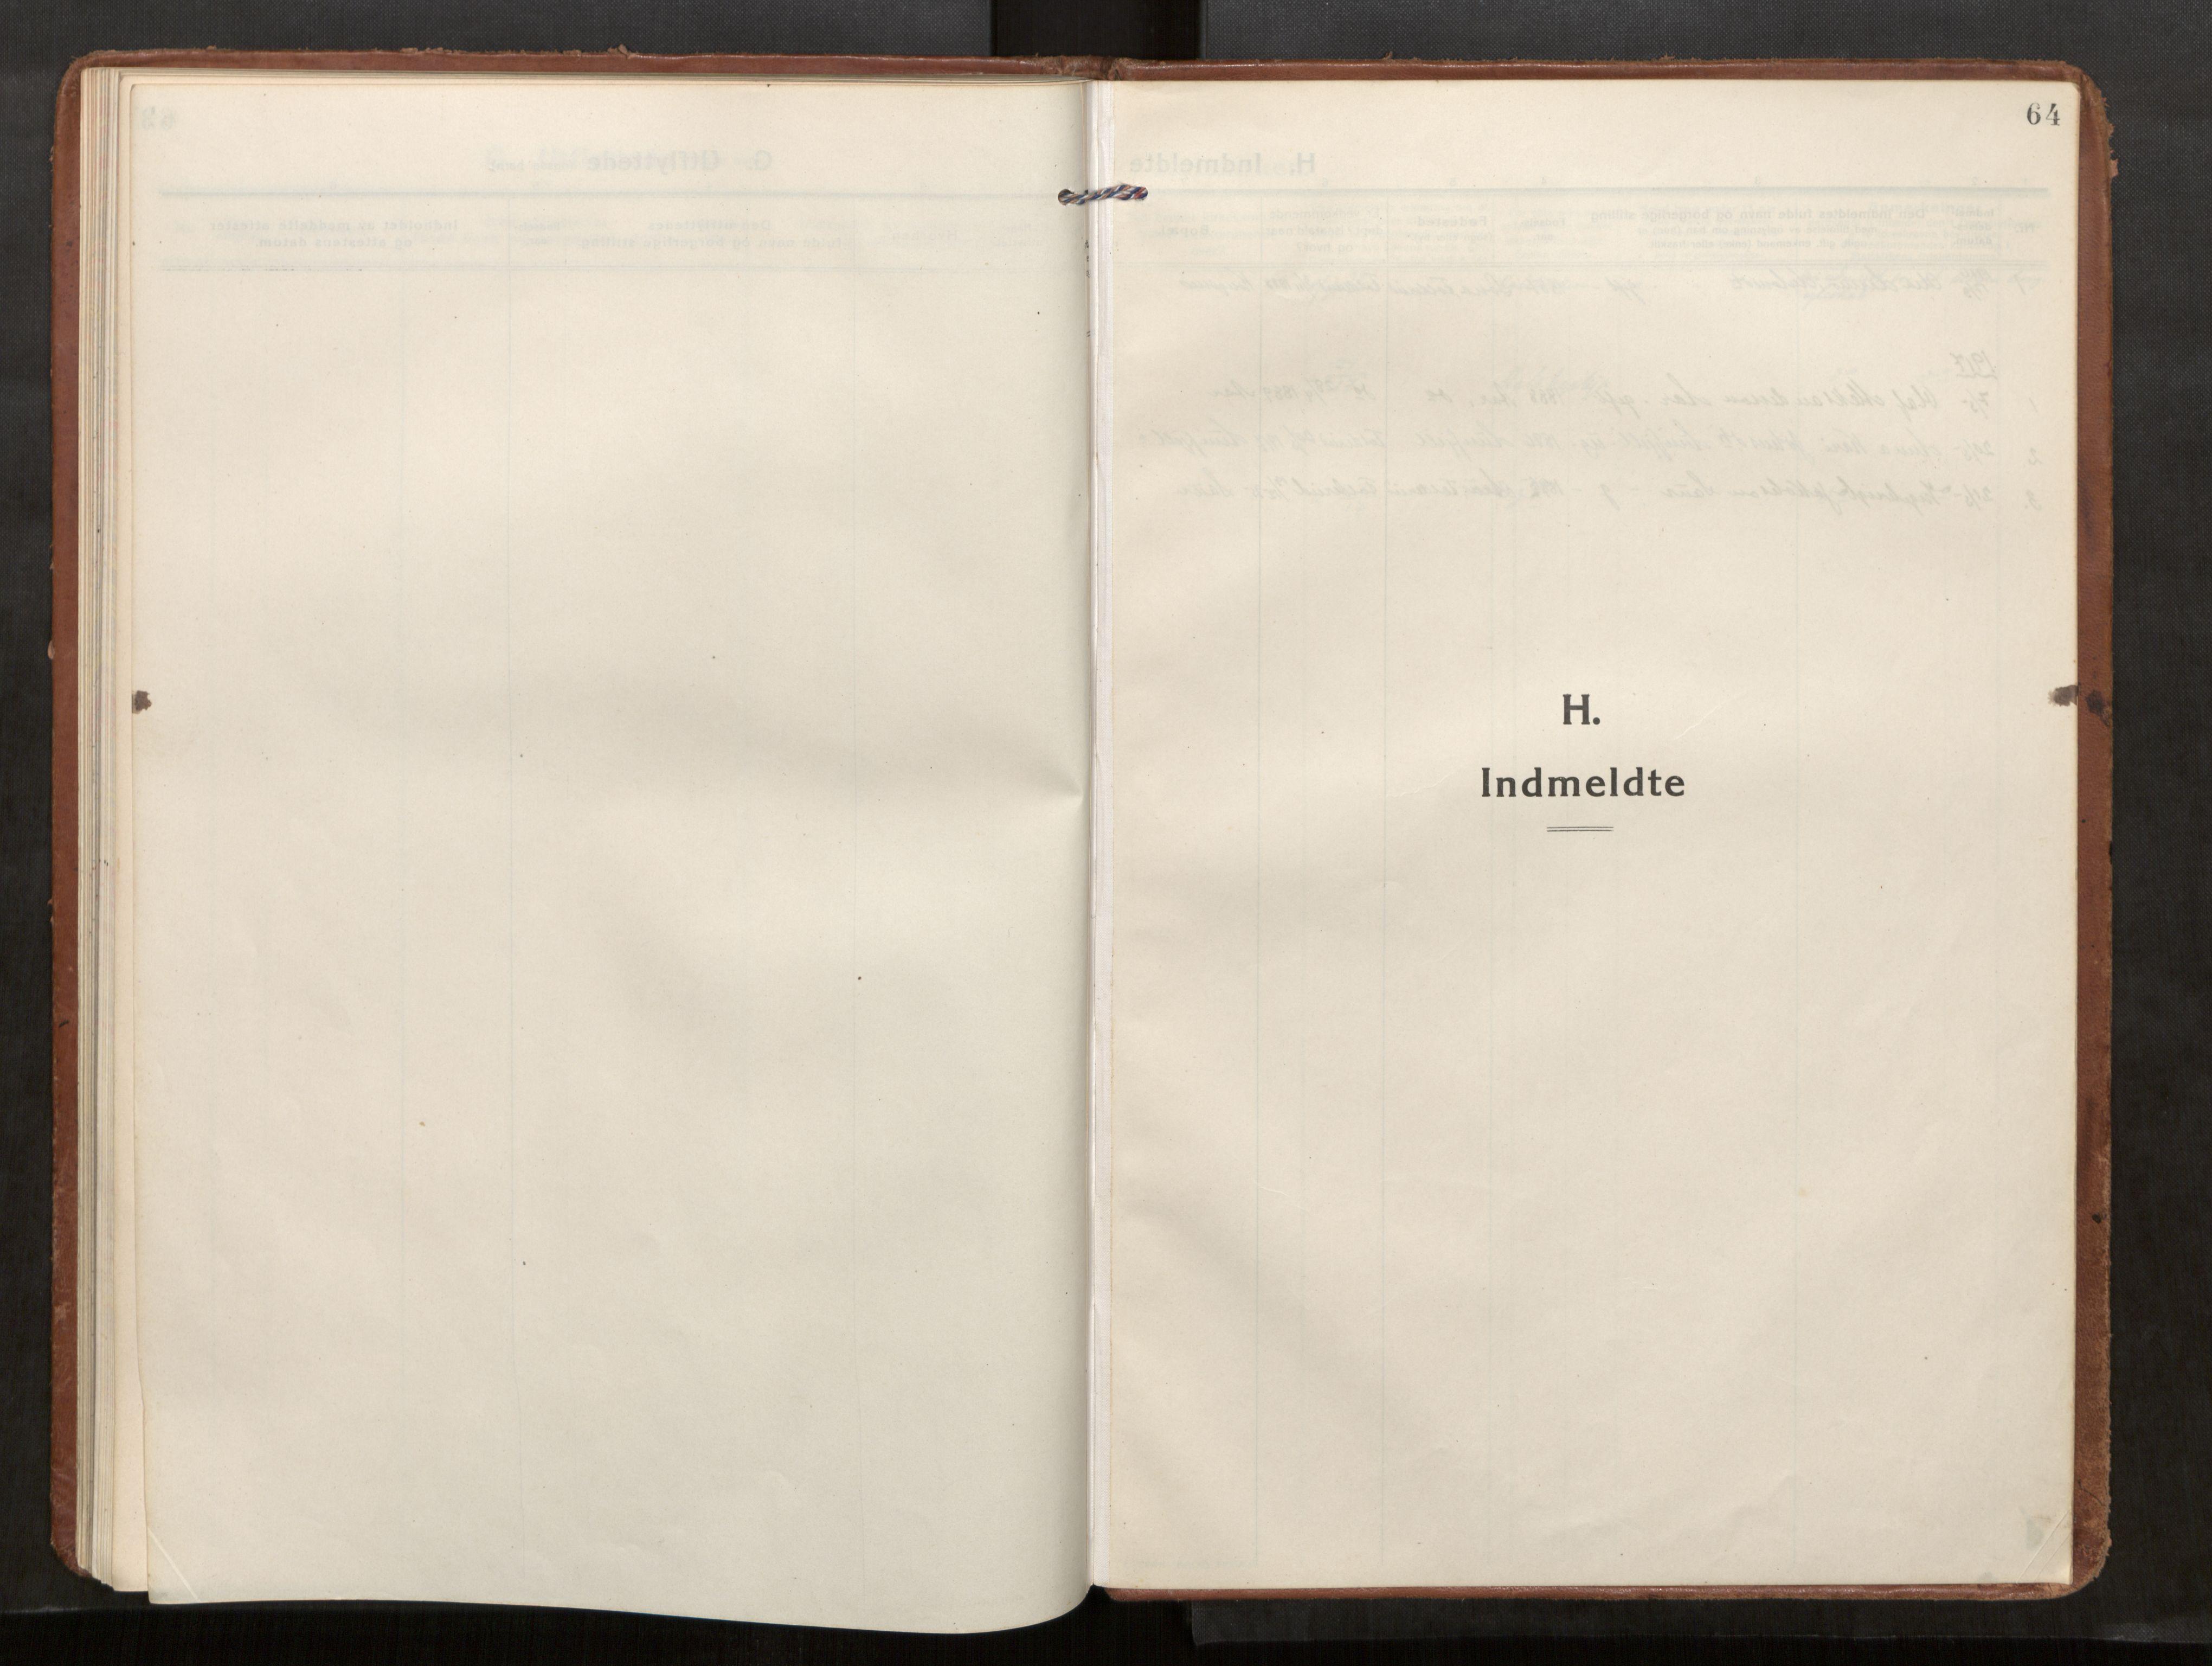 SAT, Kolvereid sokneprestkontor, H/Ha/Haa/L0002: Parish register (official) no. 2, 1914-1926, p. 64